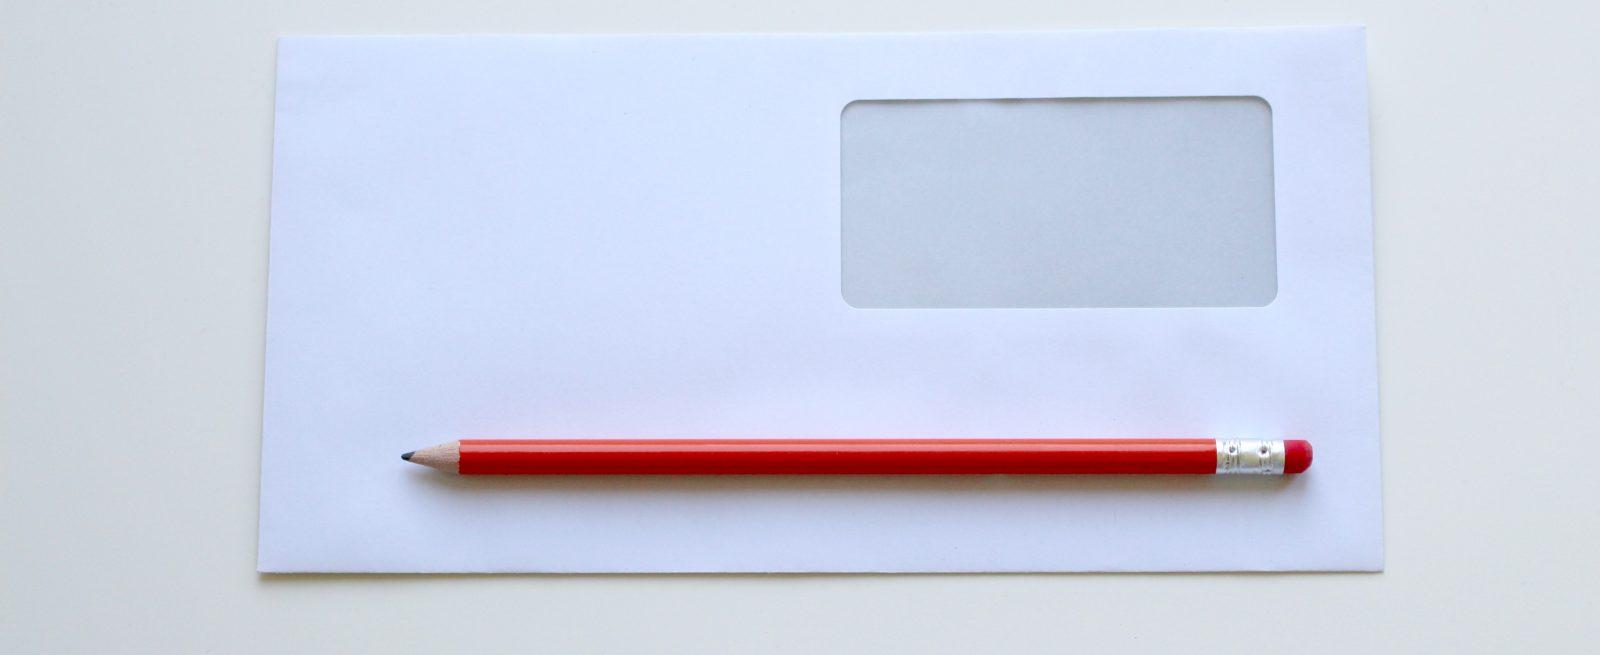 How to Handle an SSA No-Match Letter | Modern Restaurant Management